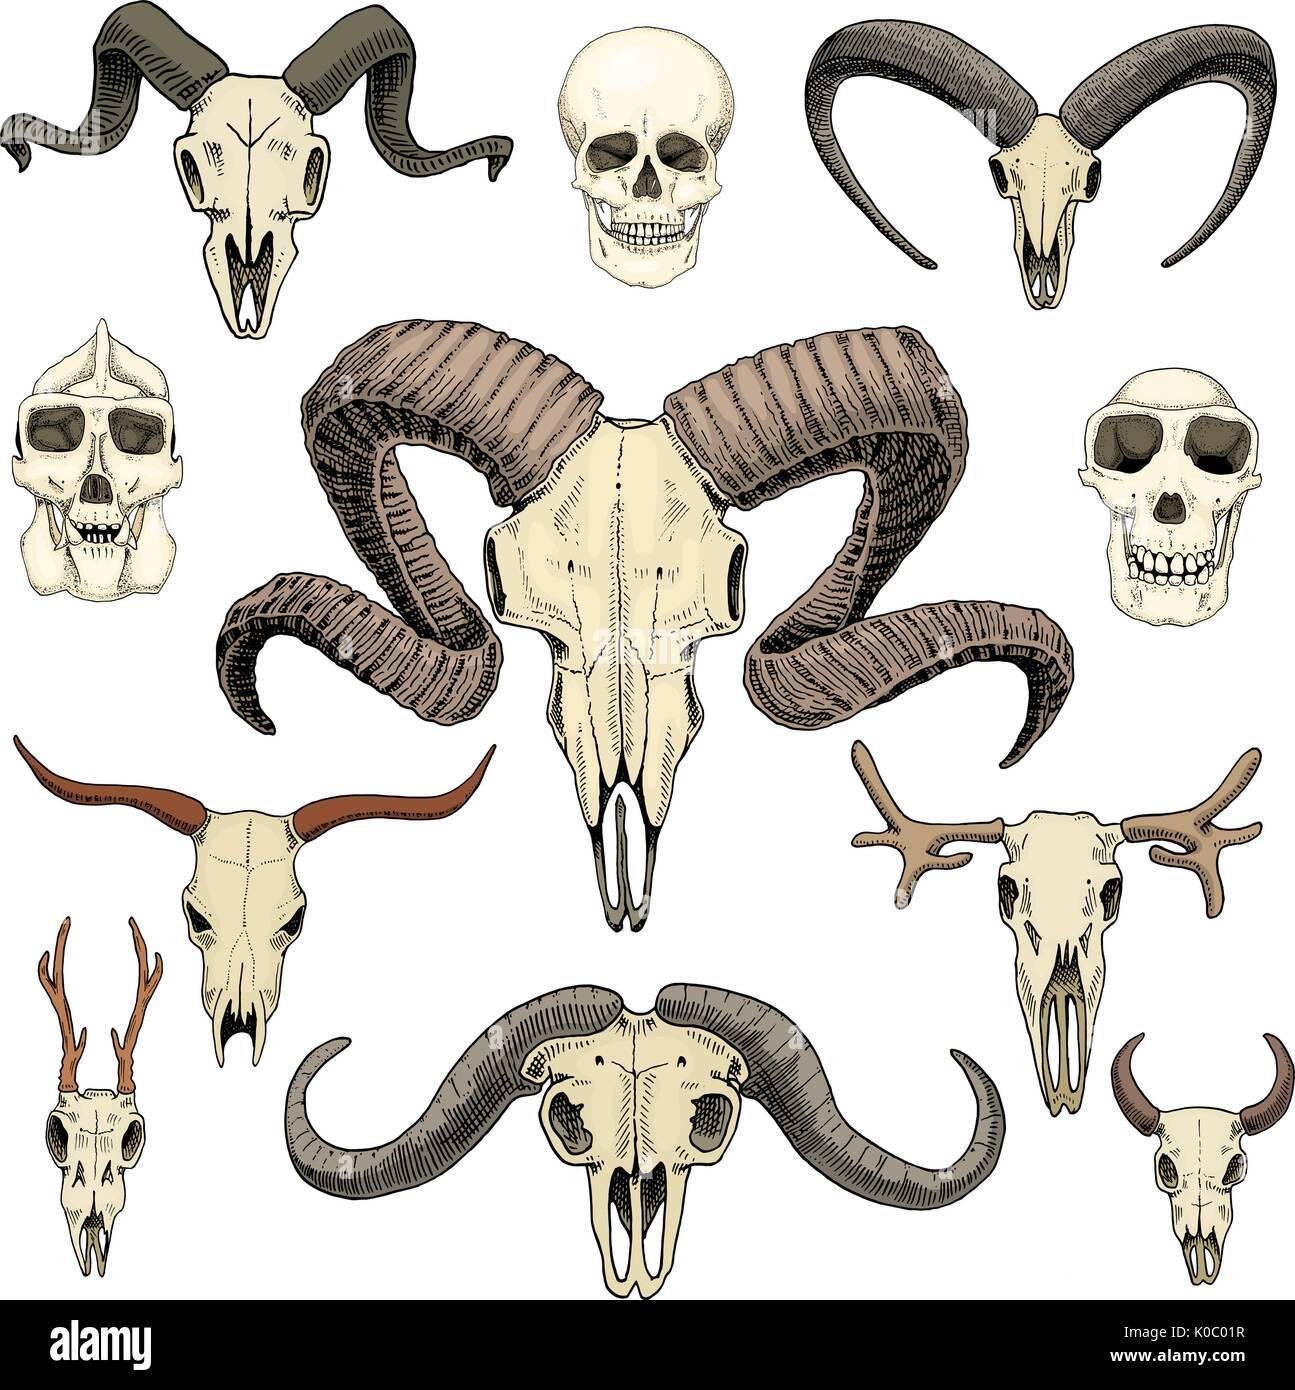 Ungewöhnlich Schafe Reproduktive Anatomie Galerie - Anatomie Ideen ...